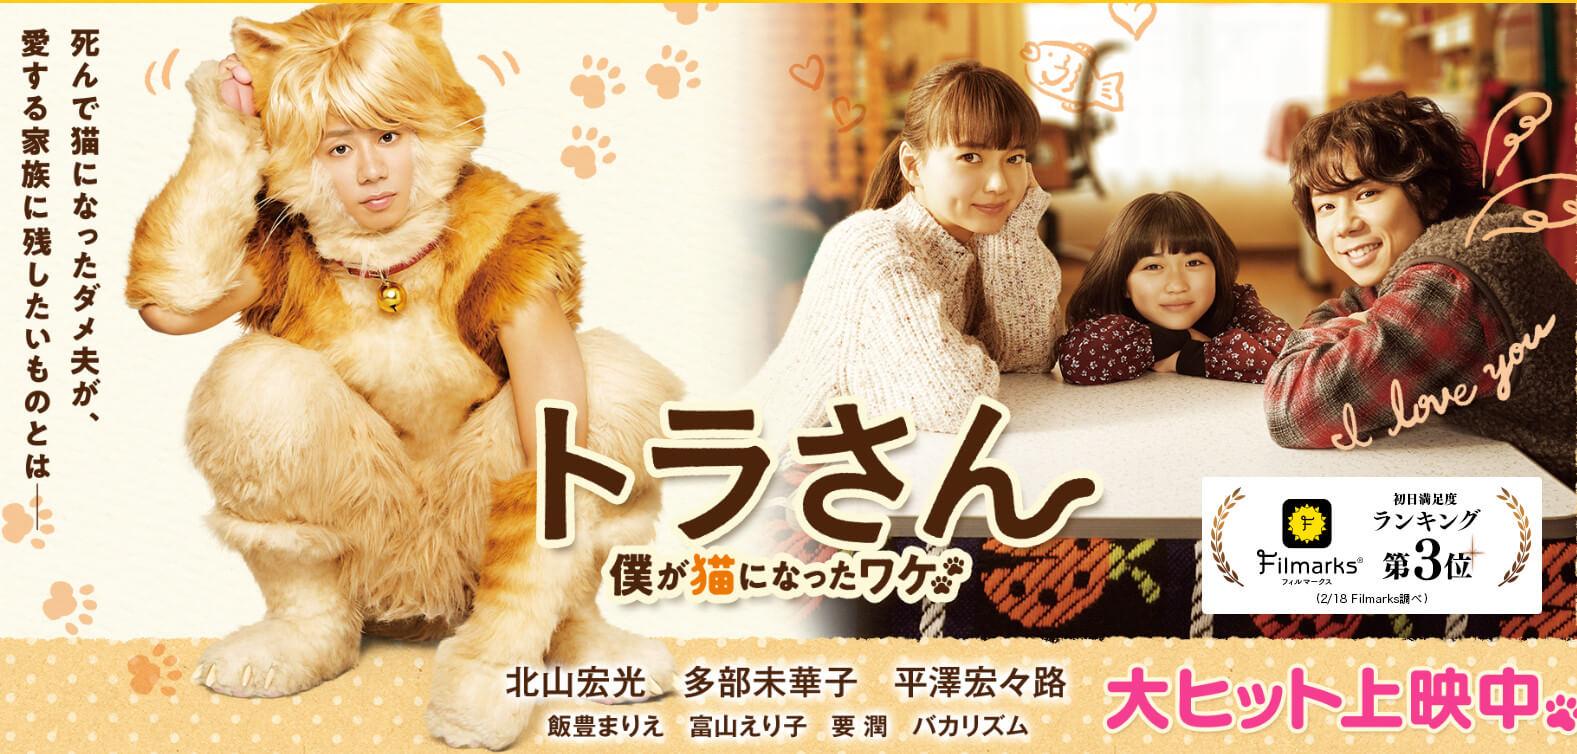 【トラさん】Kis-My-Ft2北山宏光さん主演映画を見て感動したので感想書きます♪